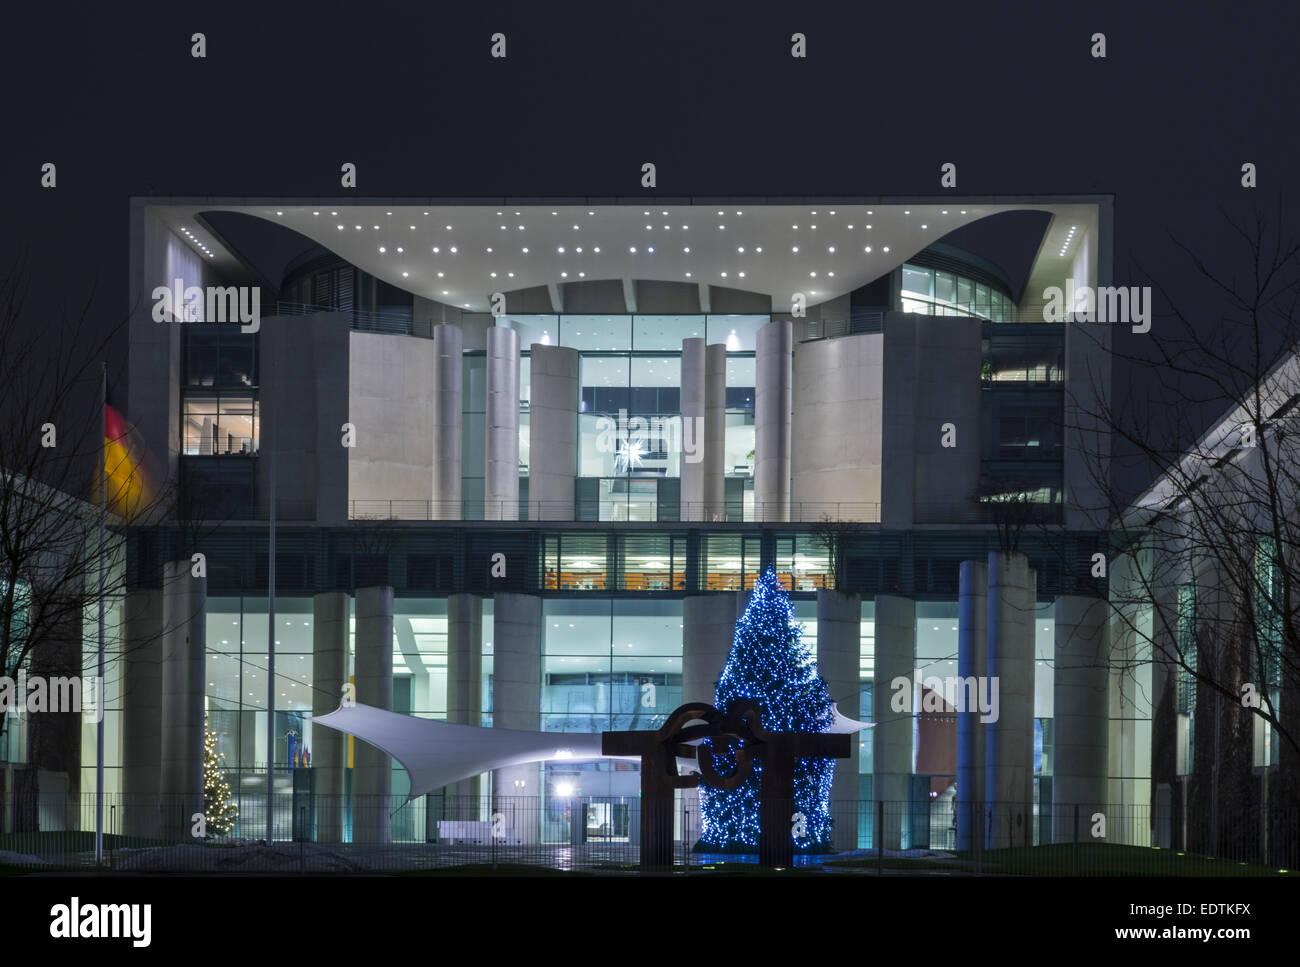 Weihnachtsbaum vor dem Neuen Bundeskanzleramt, Berlin, Deutschland ,Christmas tree in front of the new German Chancellery, Stock Photo